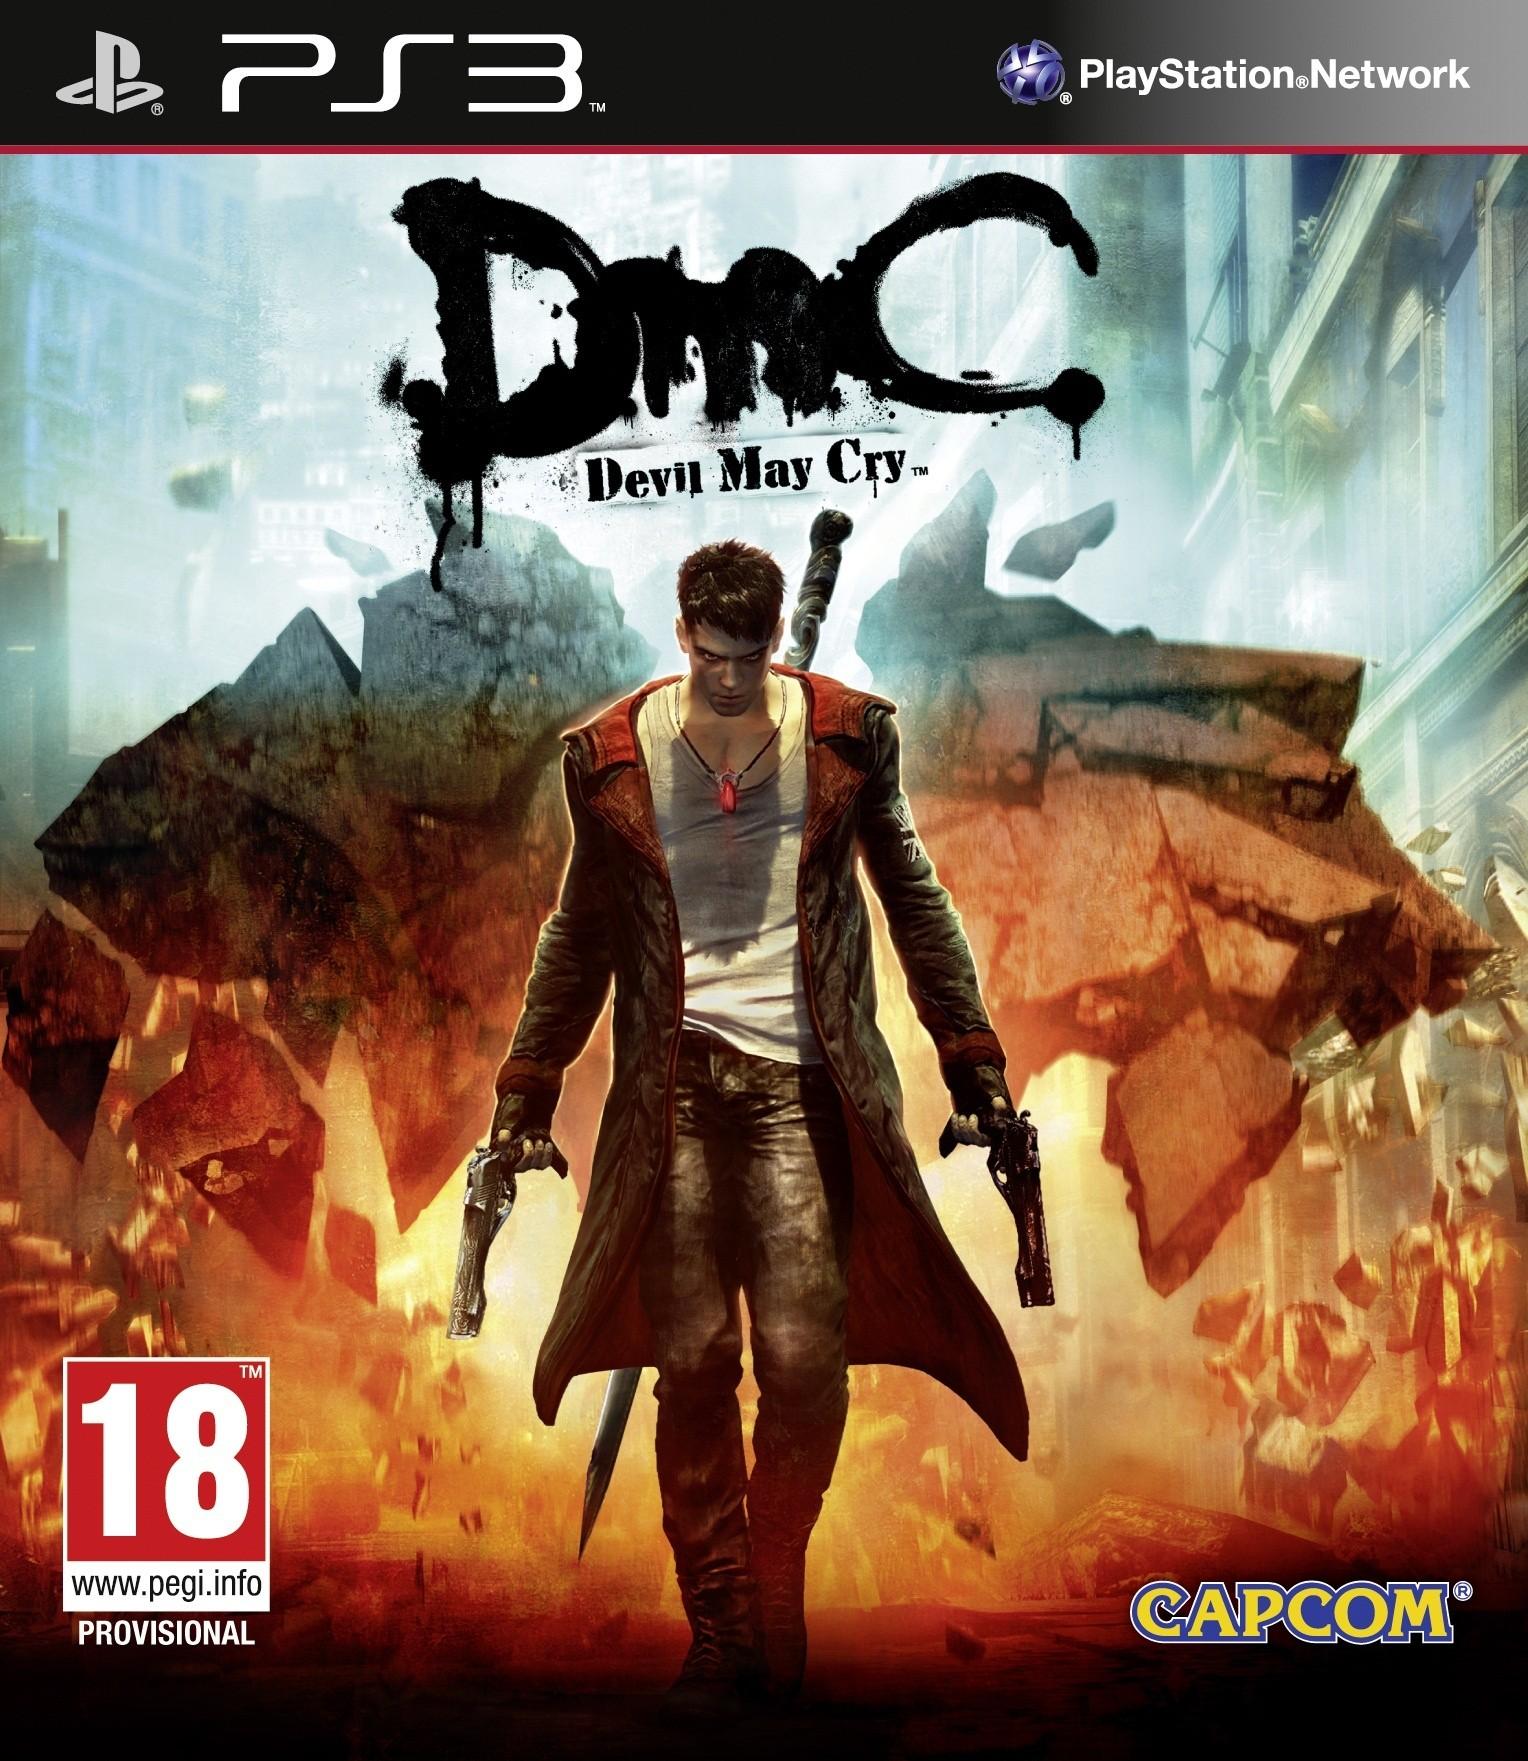 DMC-DevilMayCry PS3 Jaquette 002